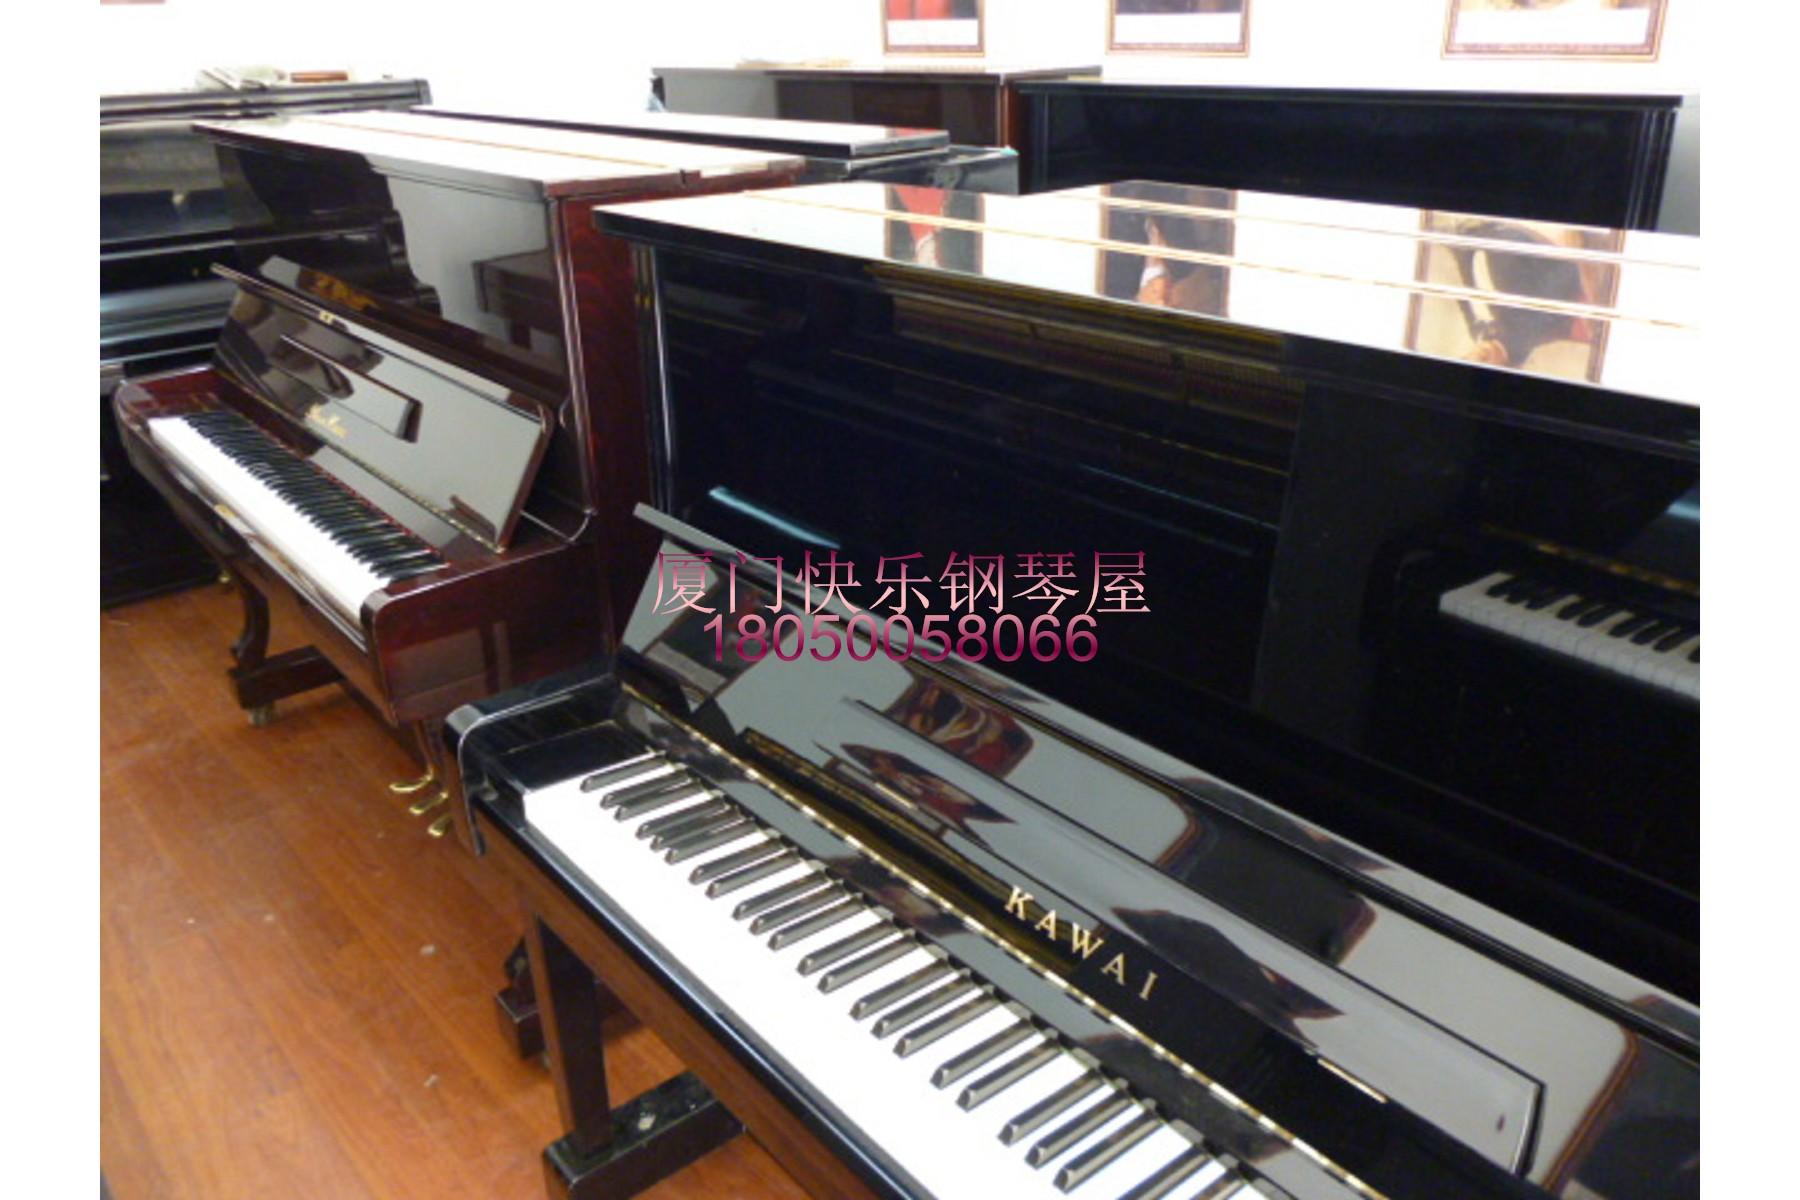 厦门快乐钢琴屋-进口二手钢琴专卖-钢琴出租-仅售精品琴